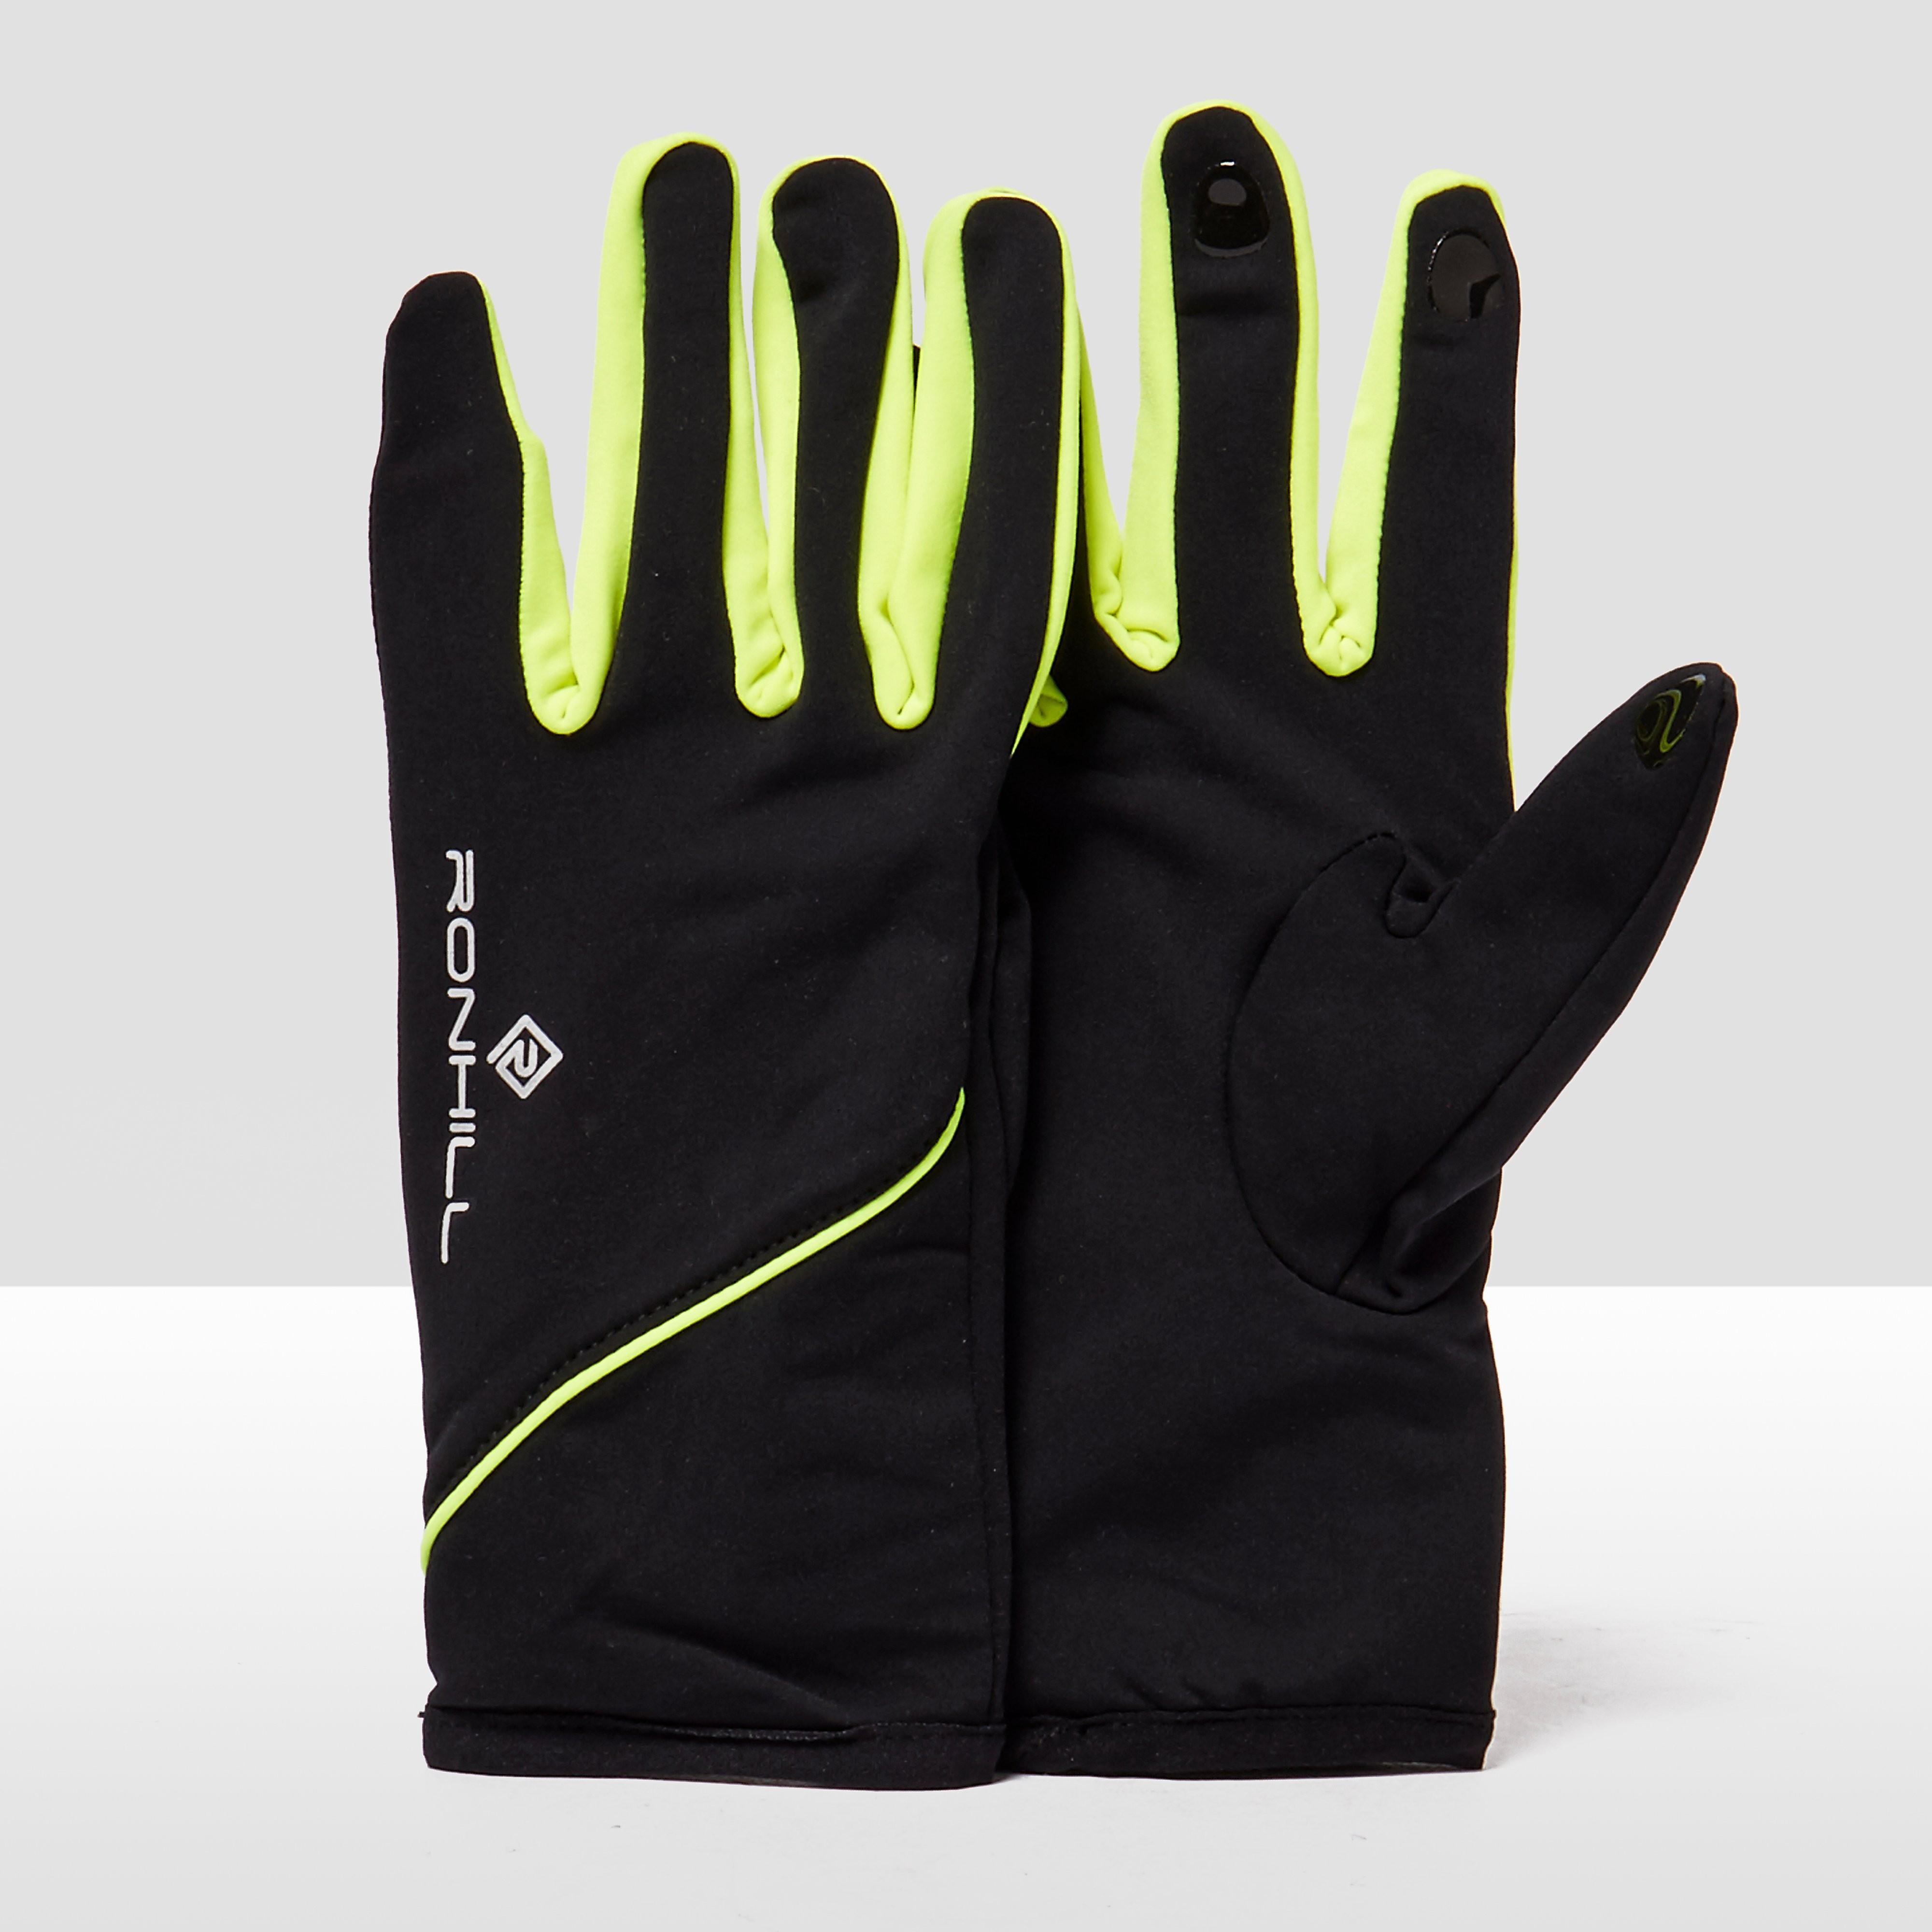 Ronhill Pro Running Gloves